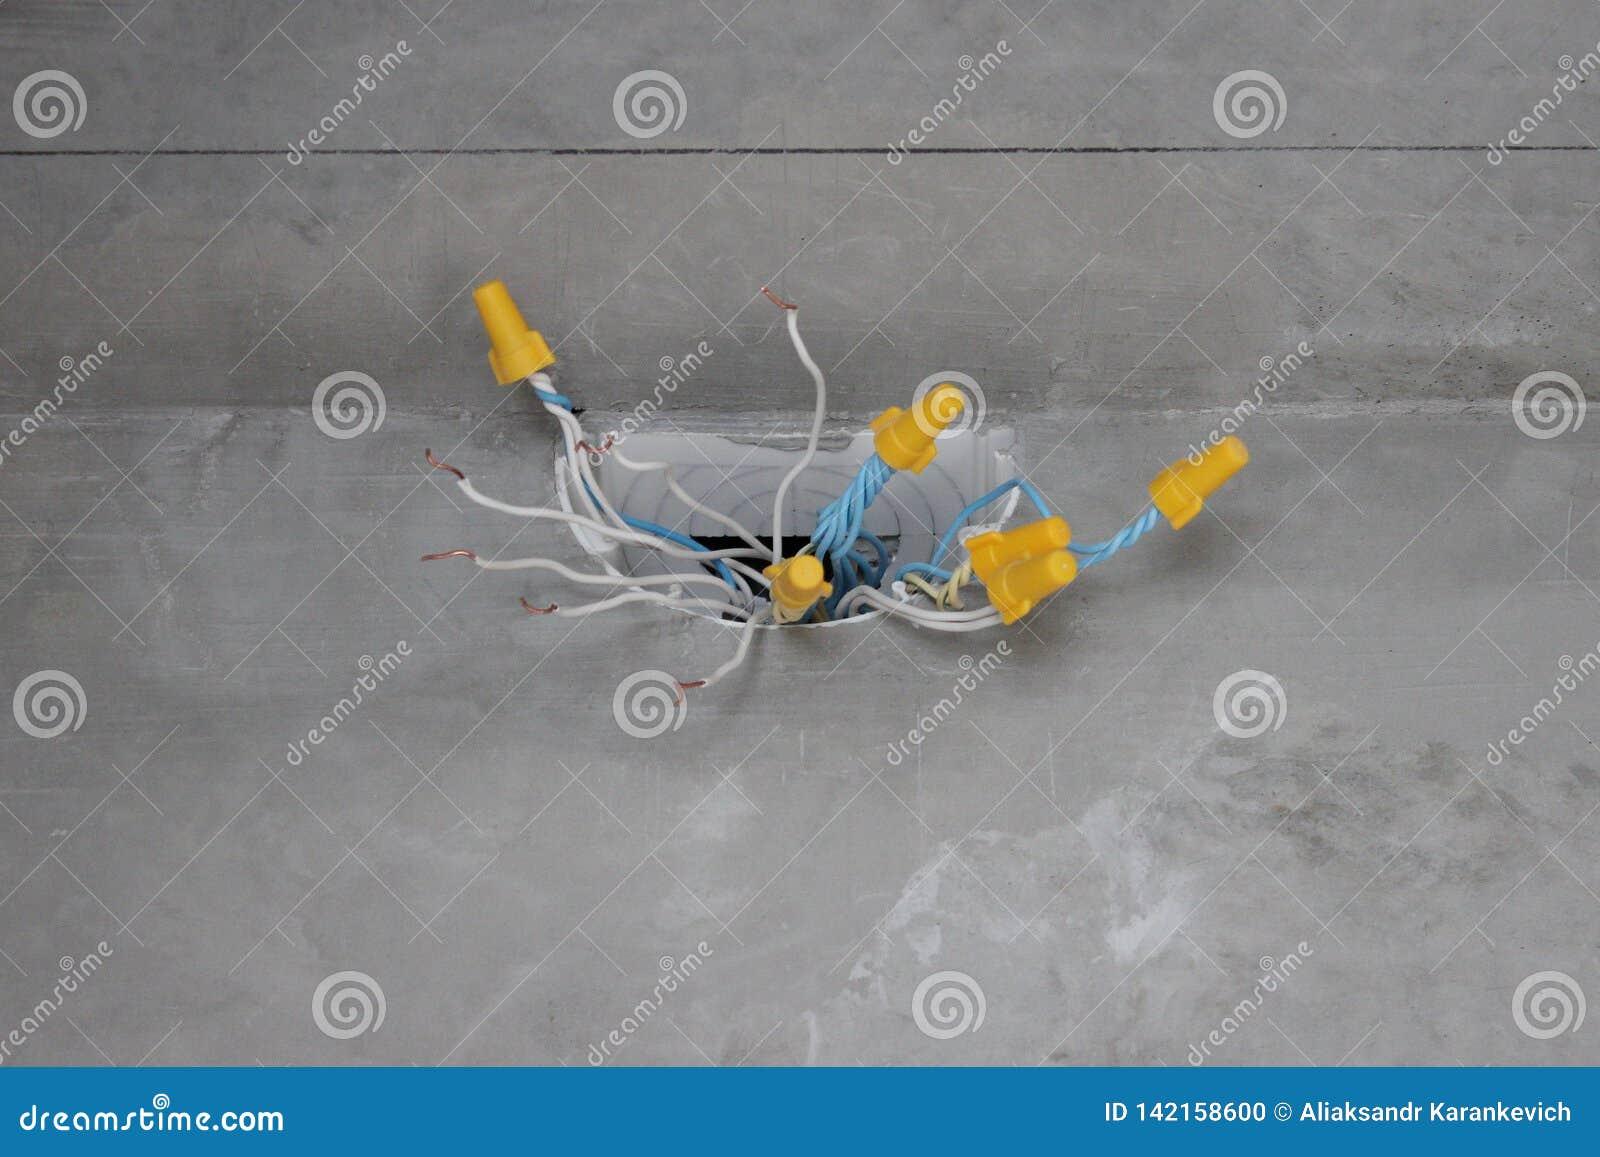 Elektrokabeldoos met draden en kabels elektro bedrading in de flat of het huis keurige moderne vernieuwing